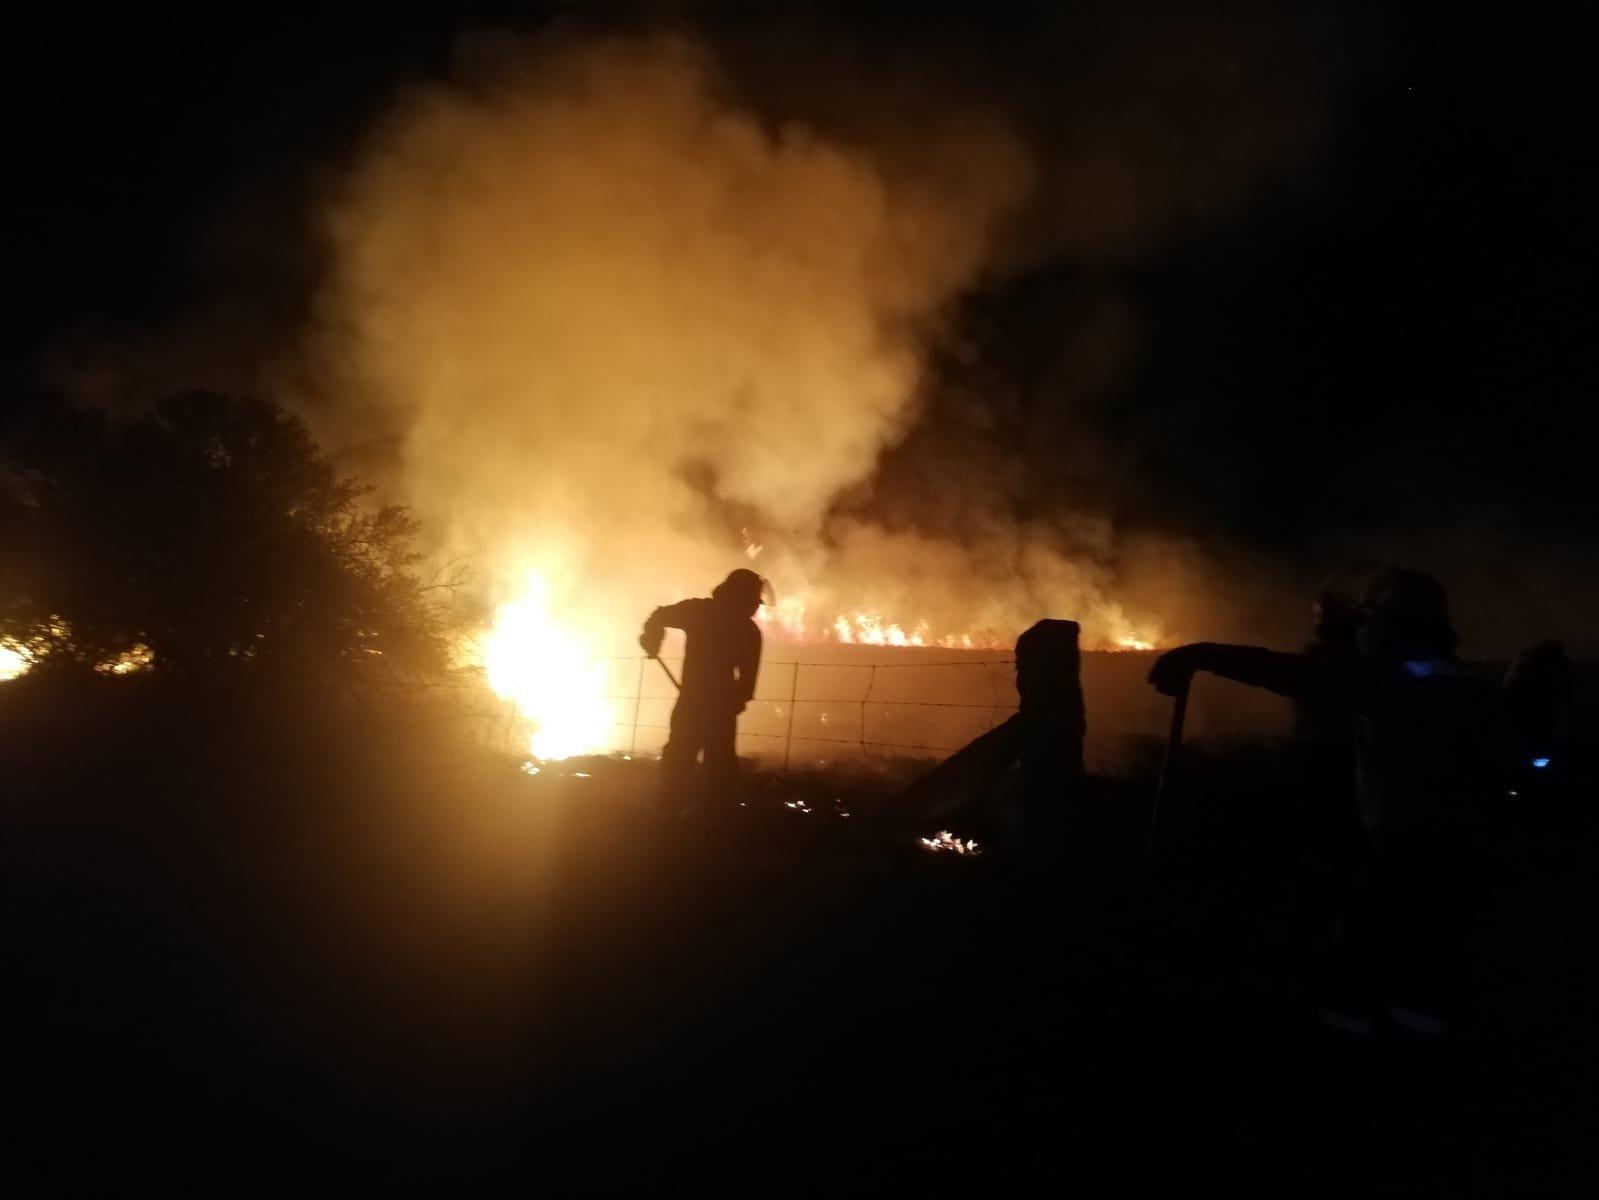 veldfire wildfire firefighter